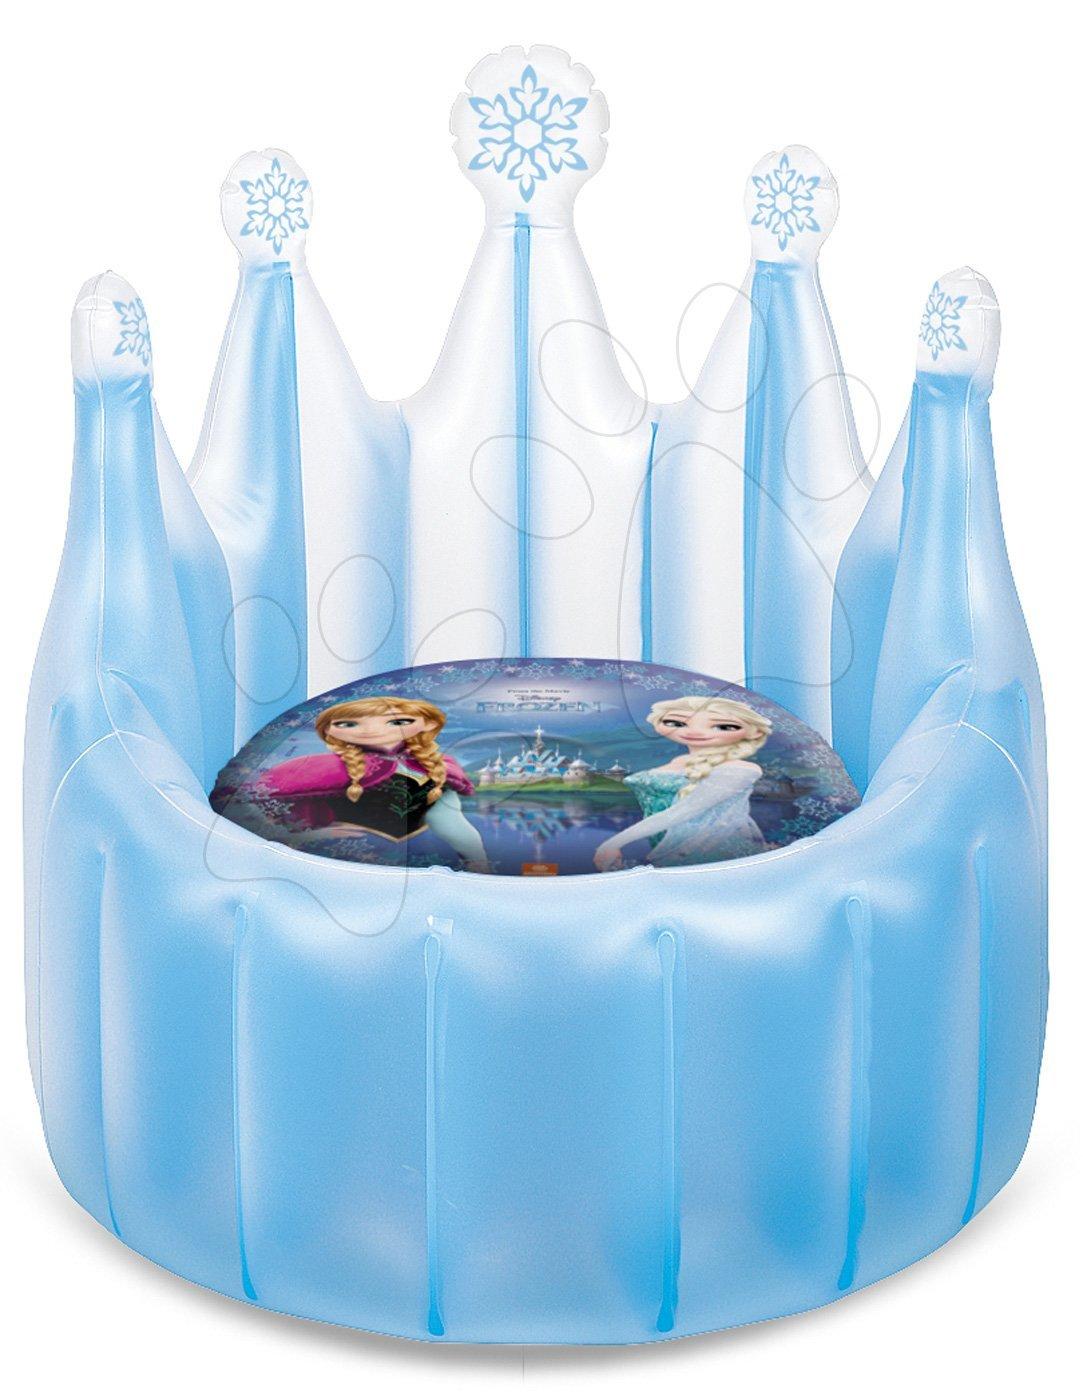 Nafukovací křeslo Frozen Mondo královský trůn